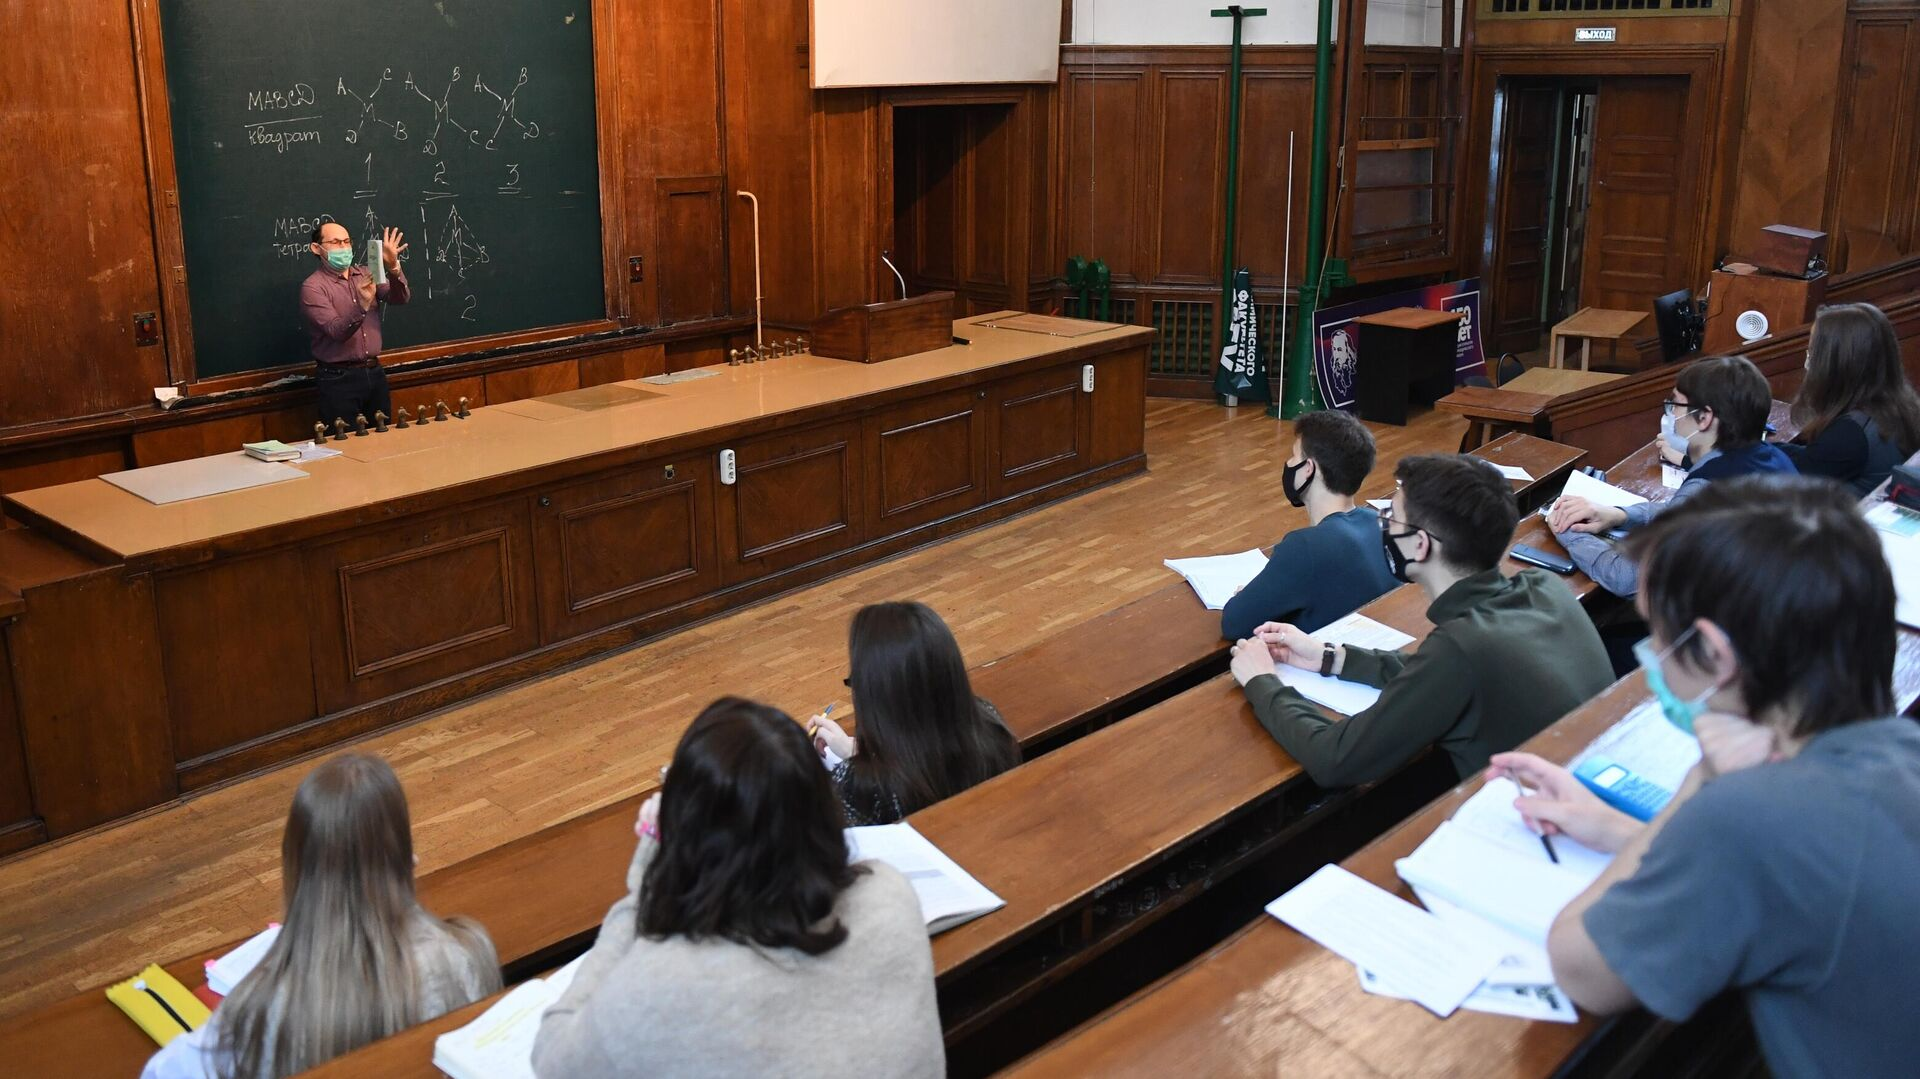 Преподаватель во время лекции в аудитории МГУ - РИА Новости, 1920, 25.09.2021